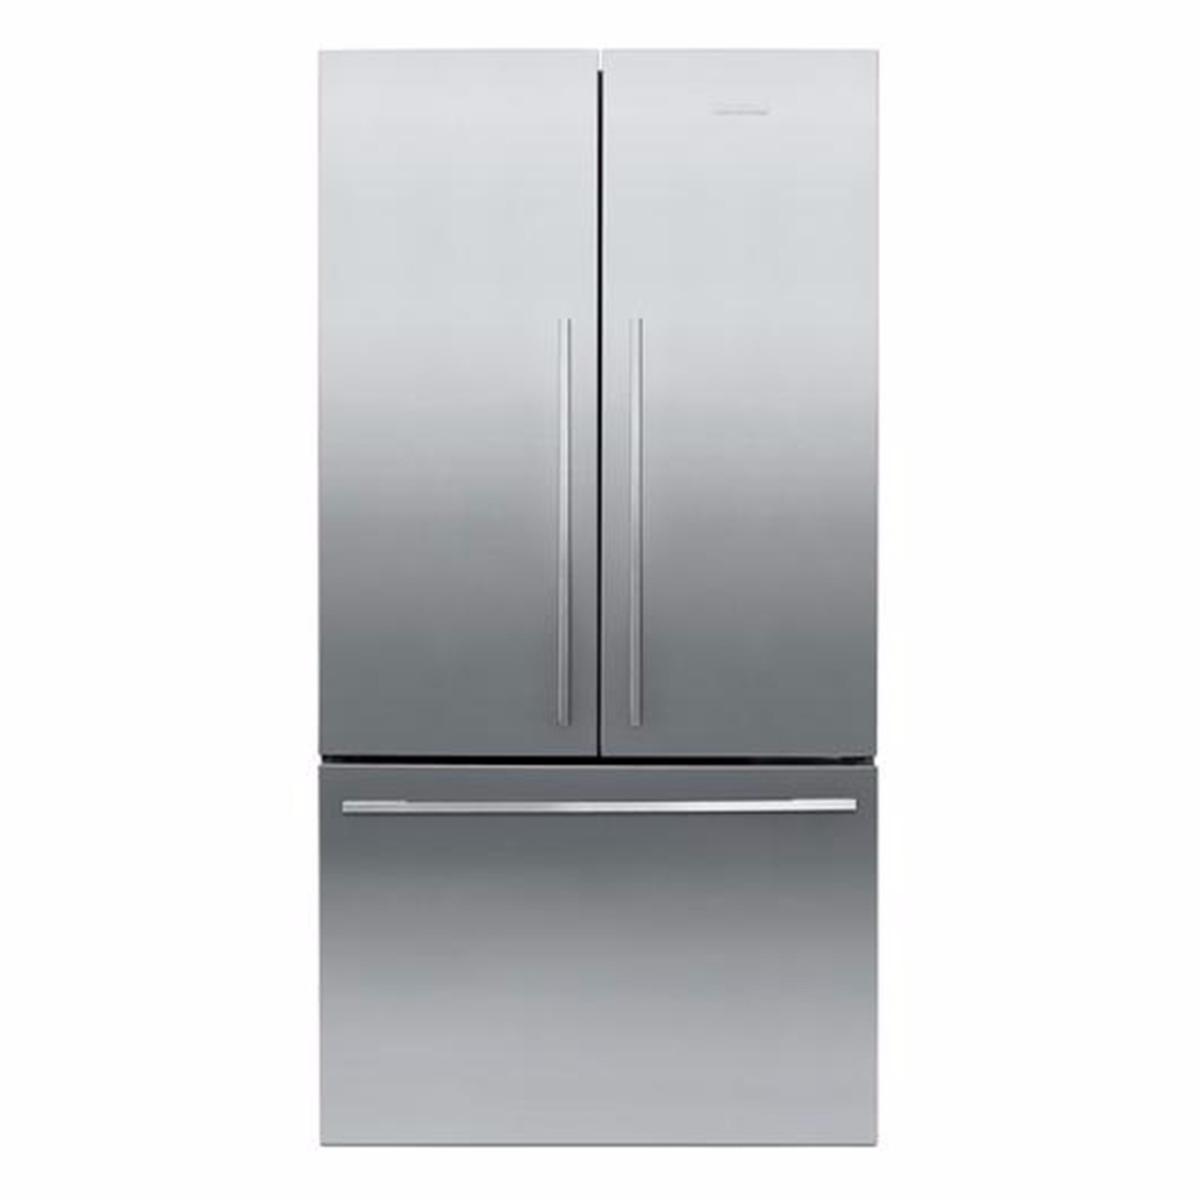 Buy Fisherpaykel Rf610adx4 90cm French Doors Fridge Freezer